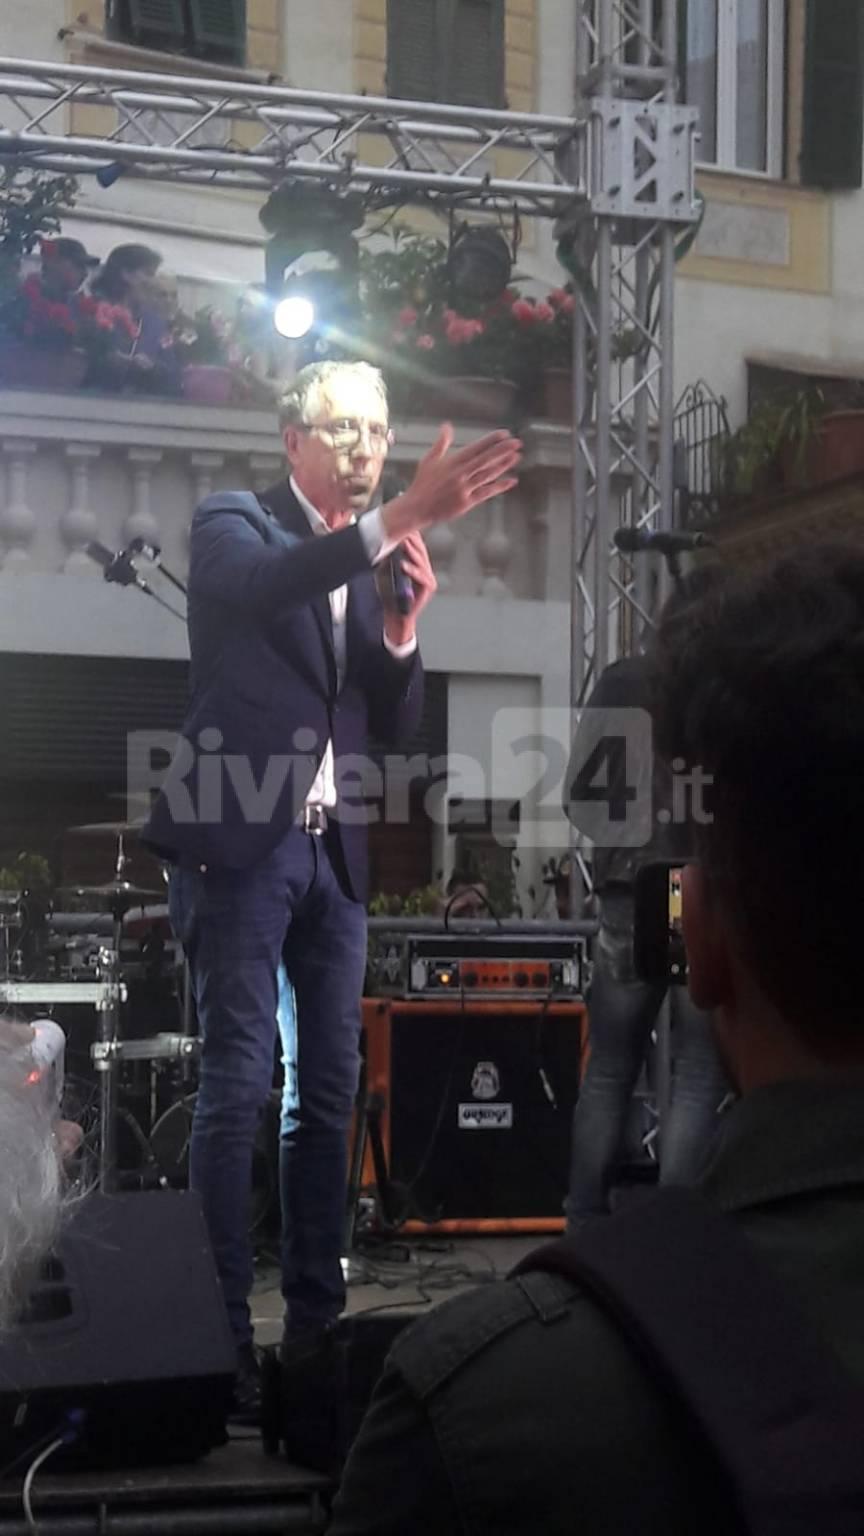 riviera24- Chiusura campagna elettorale Alberto Biancheri